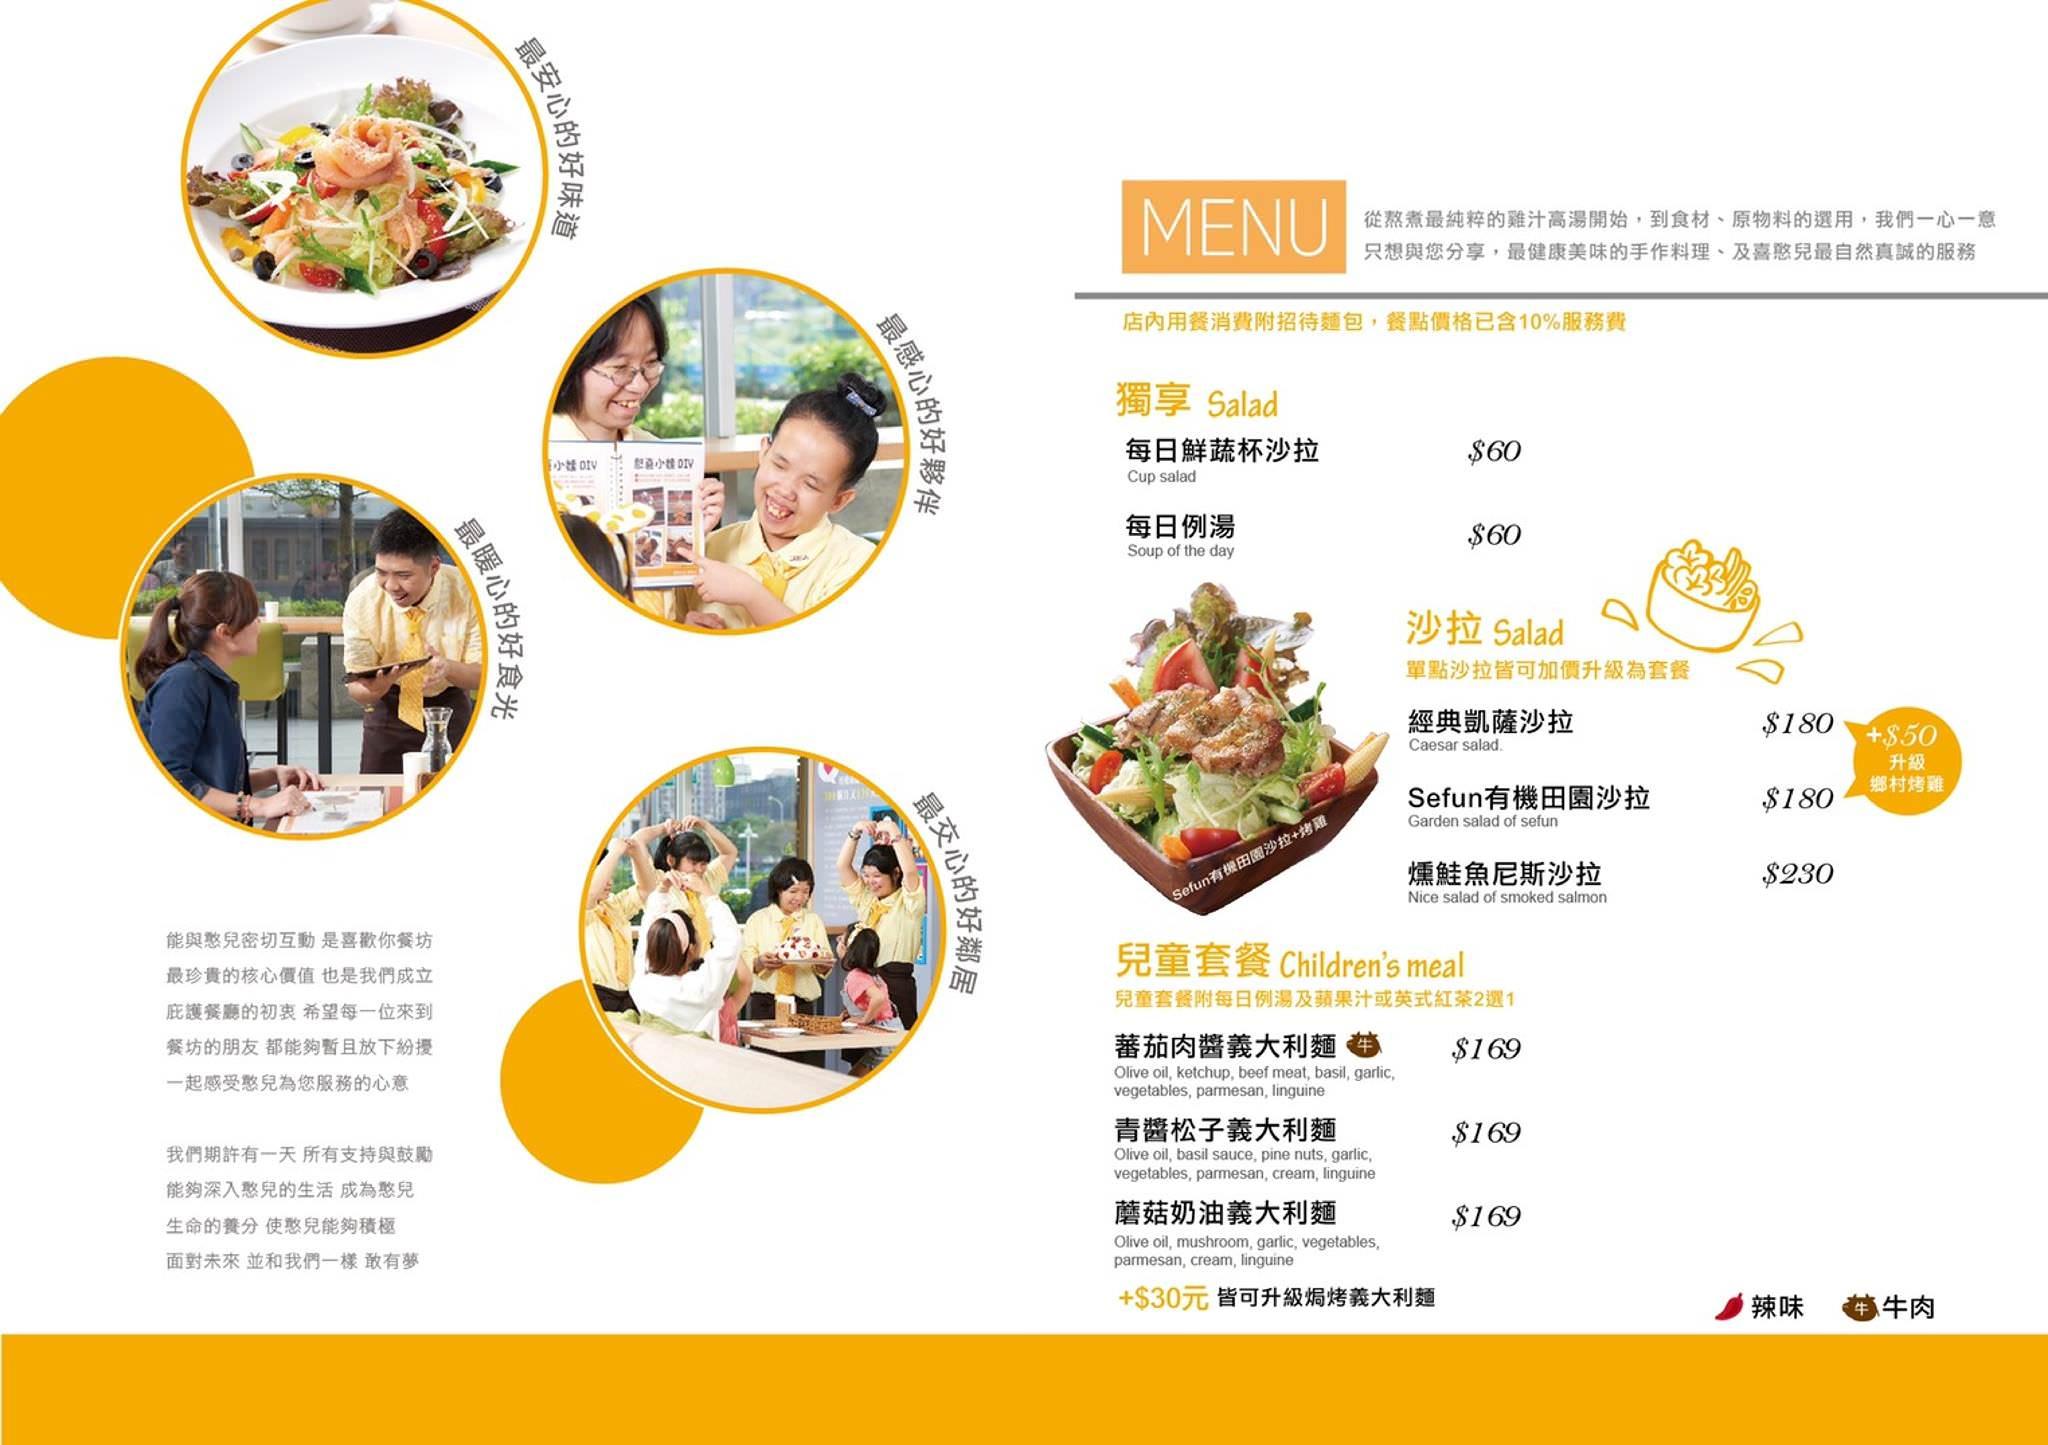 充滿溫暖笑容的新竹喜憨兒餐廳!用行動一起來支持心智障礙者,竹北喜歡你餐坊